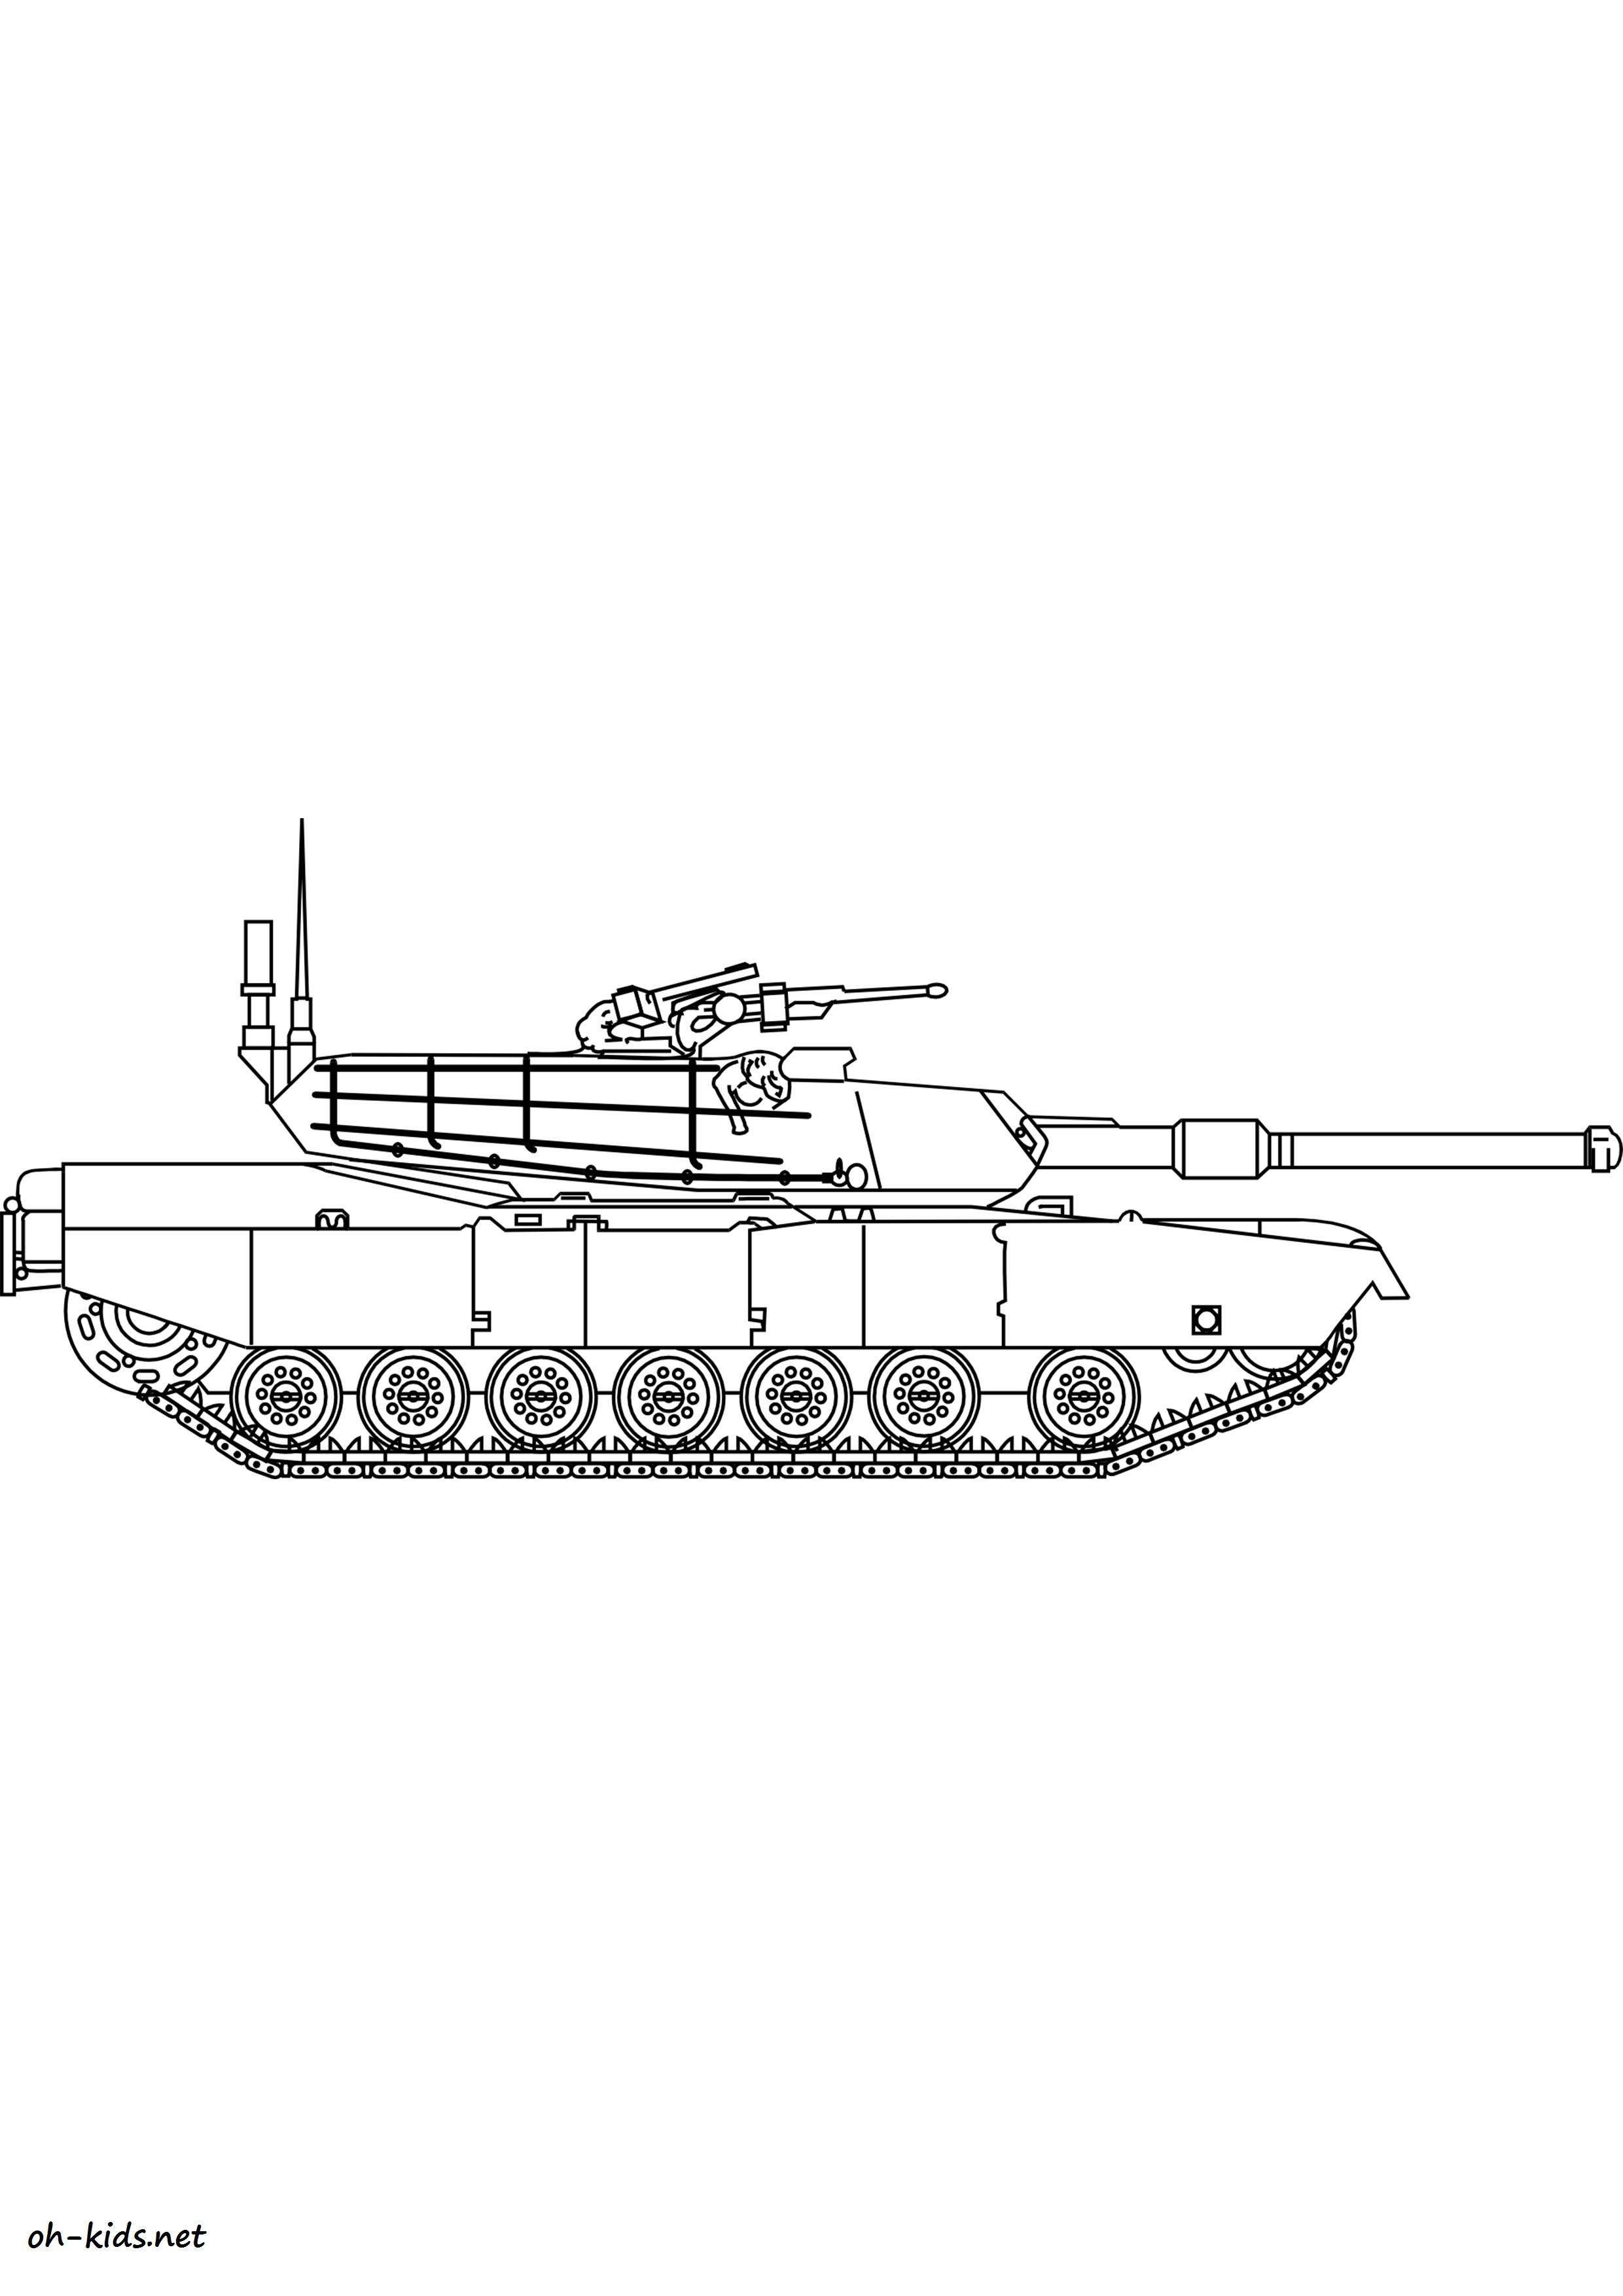 dessin de guerre gratuit à imprimer et colorier - Dessin #1184